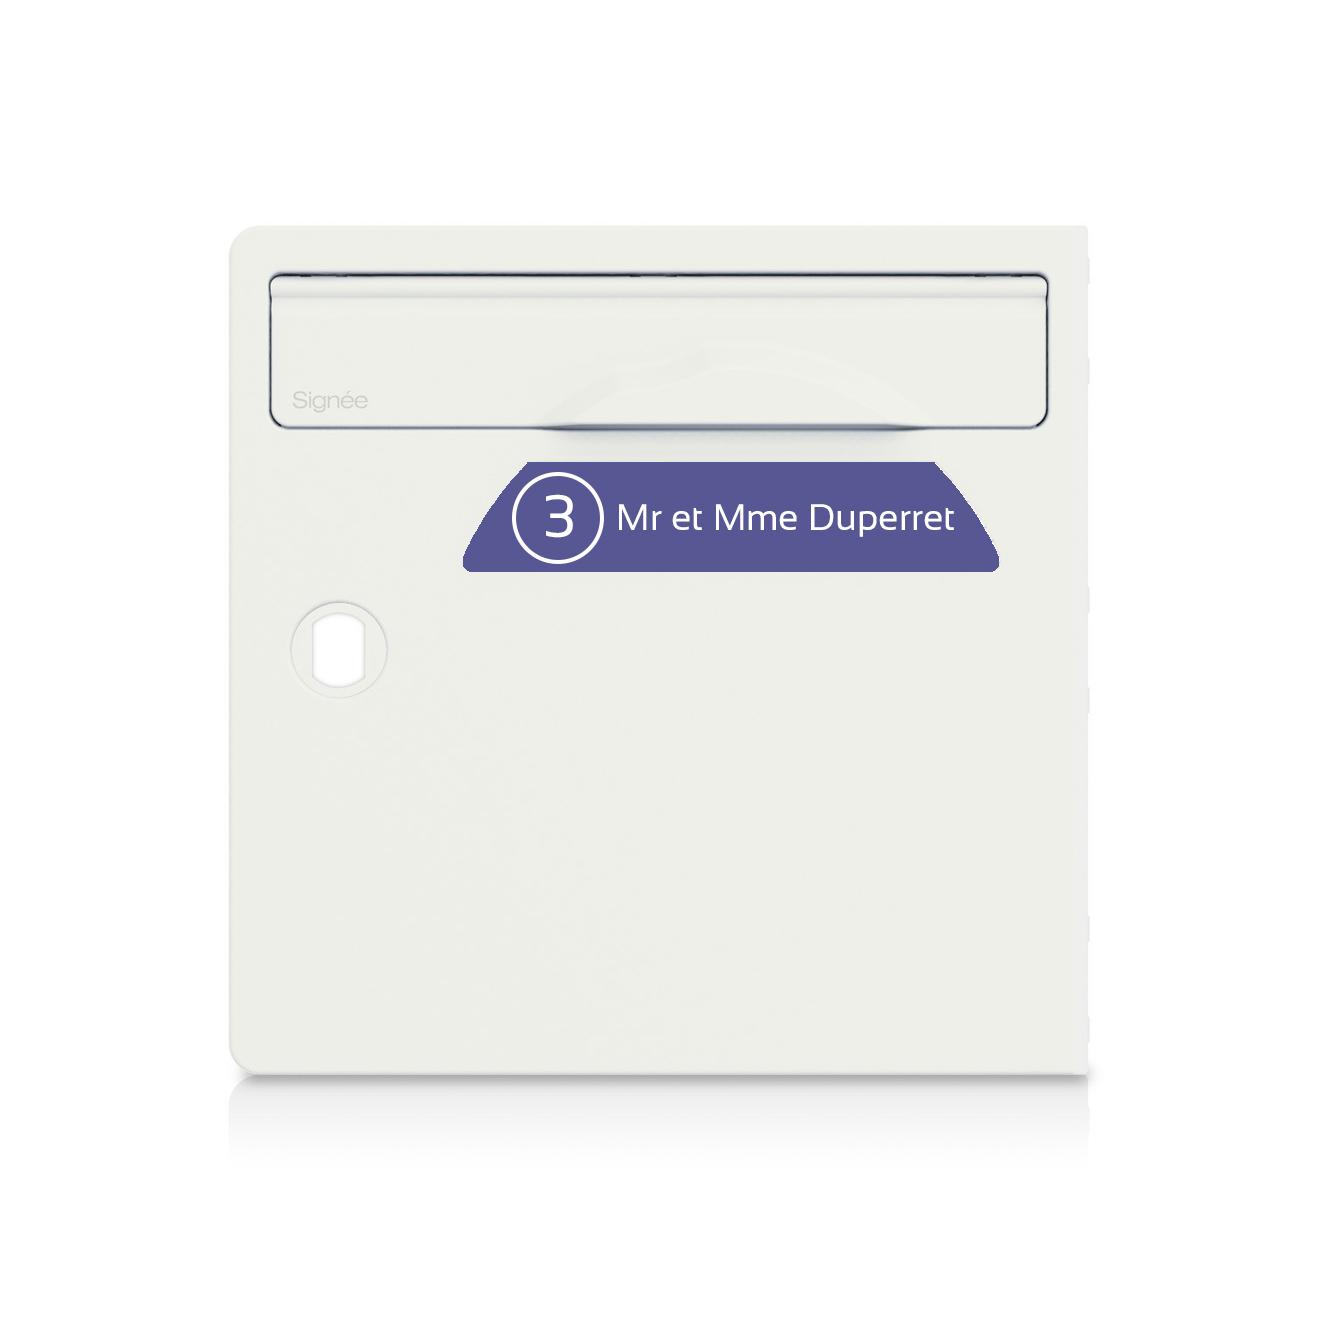 Plaque boite aux lettres Signée NUMERO violette lettres blanches - 1 ligne